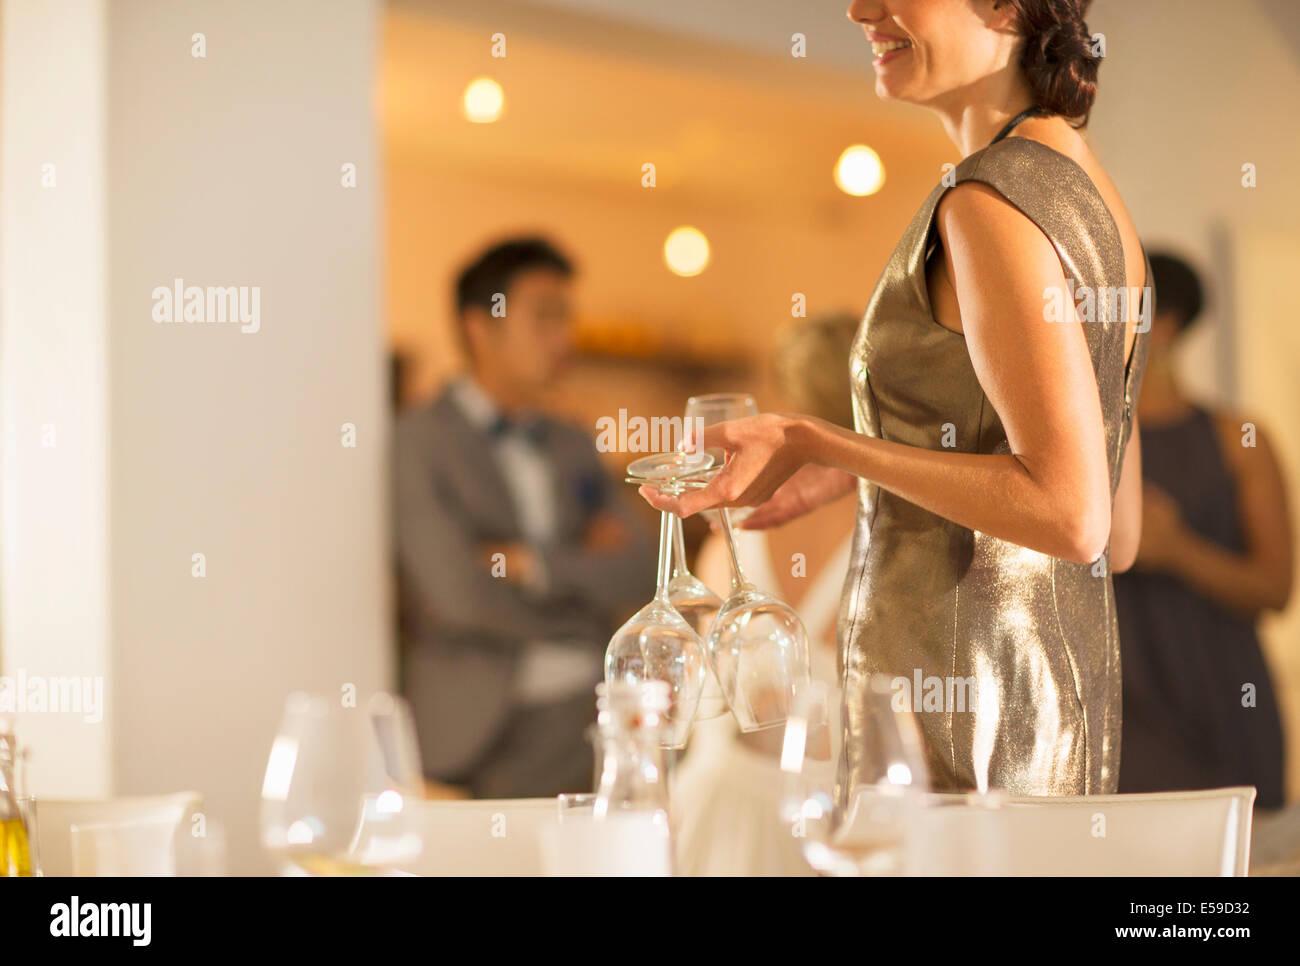 Mujer en la mesa de posicionamiento en la cena Imagen De Stock